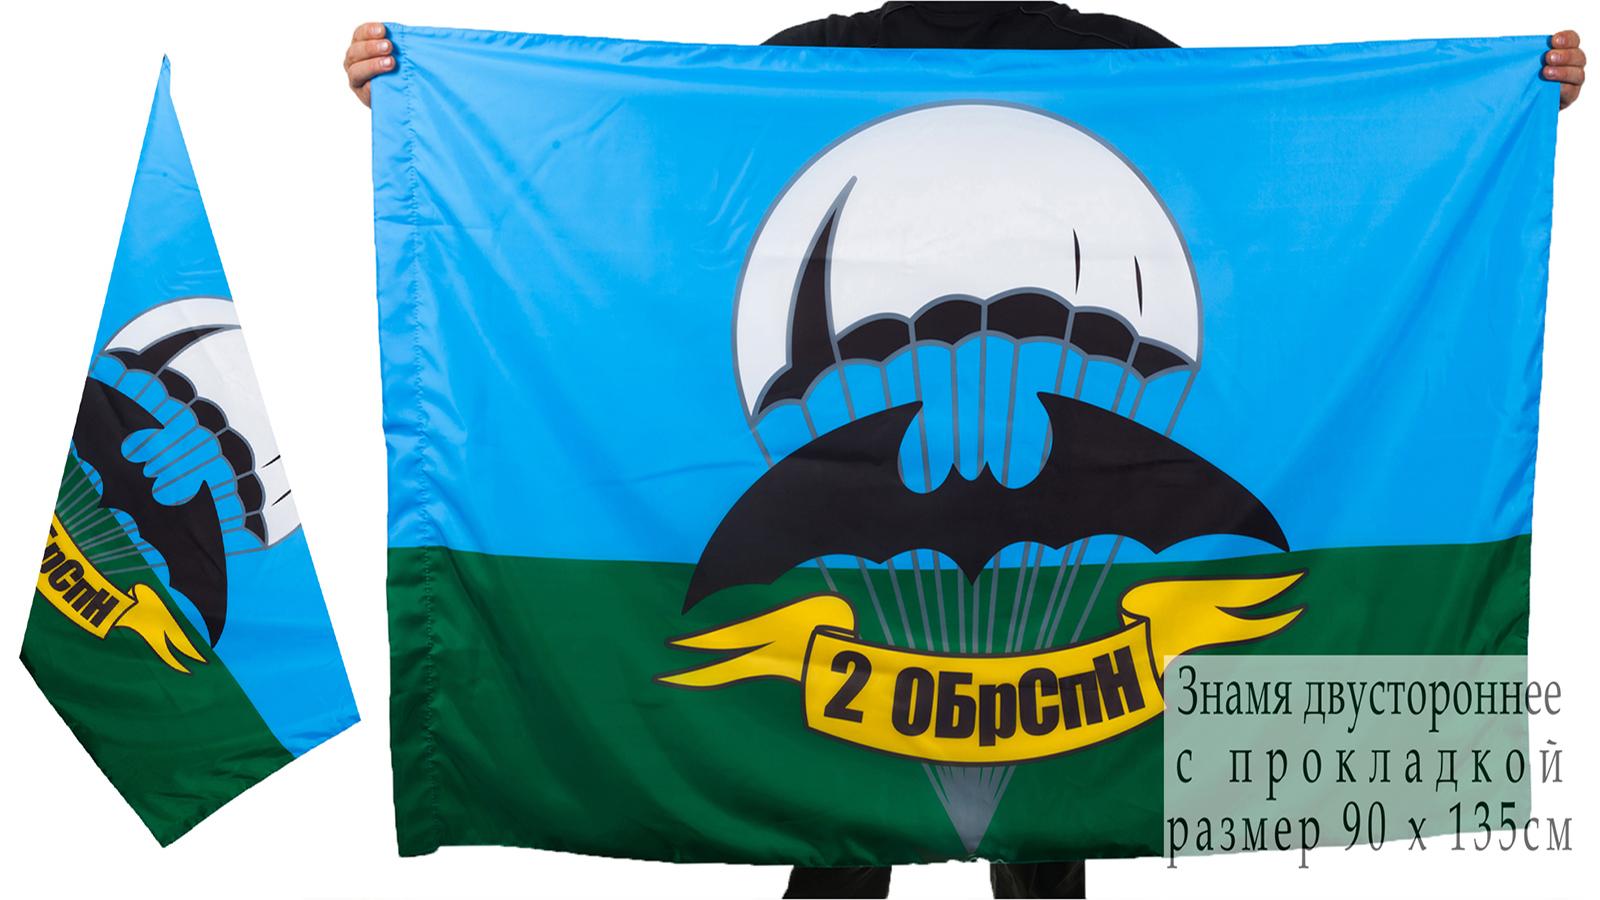 Двухсторонний флаг «2 бригада спецназа ГРУ»